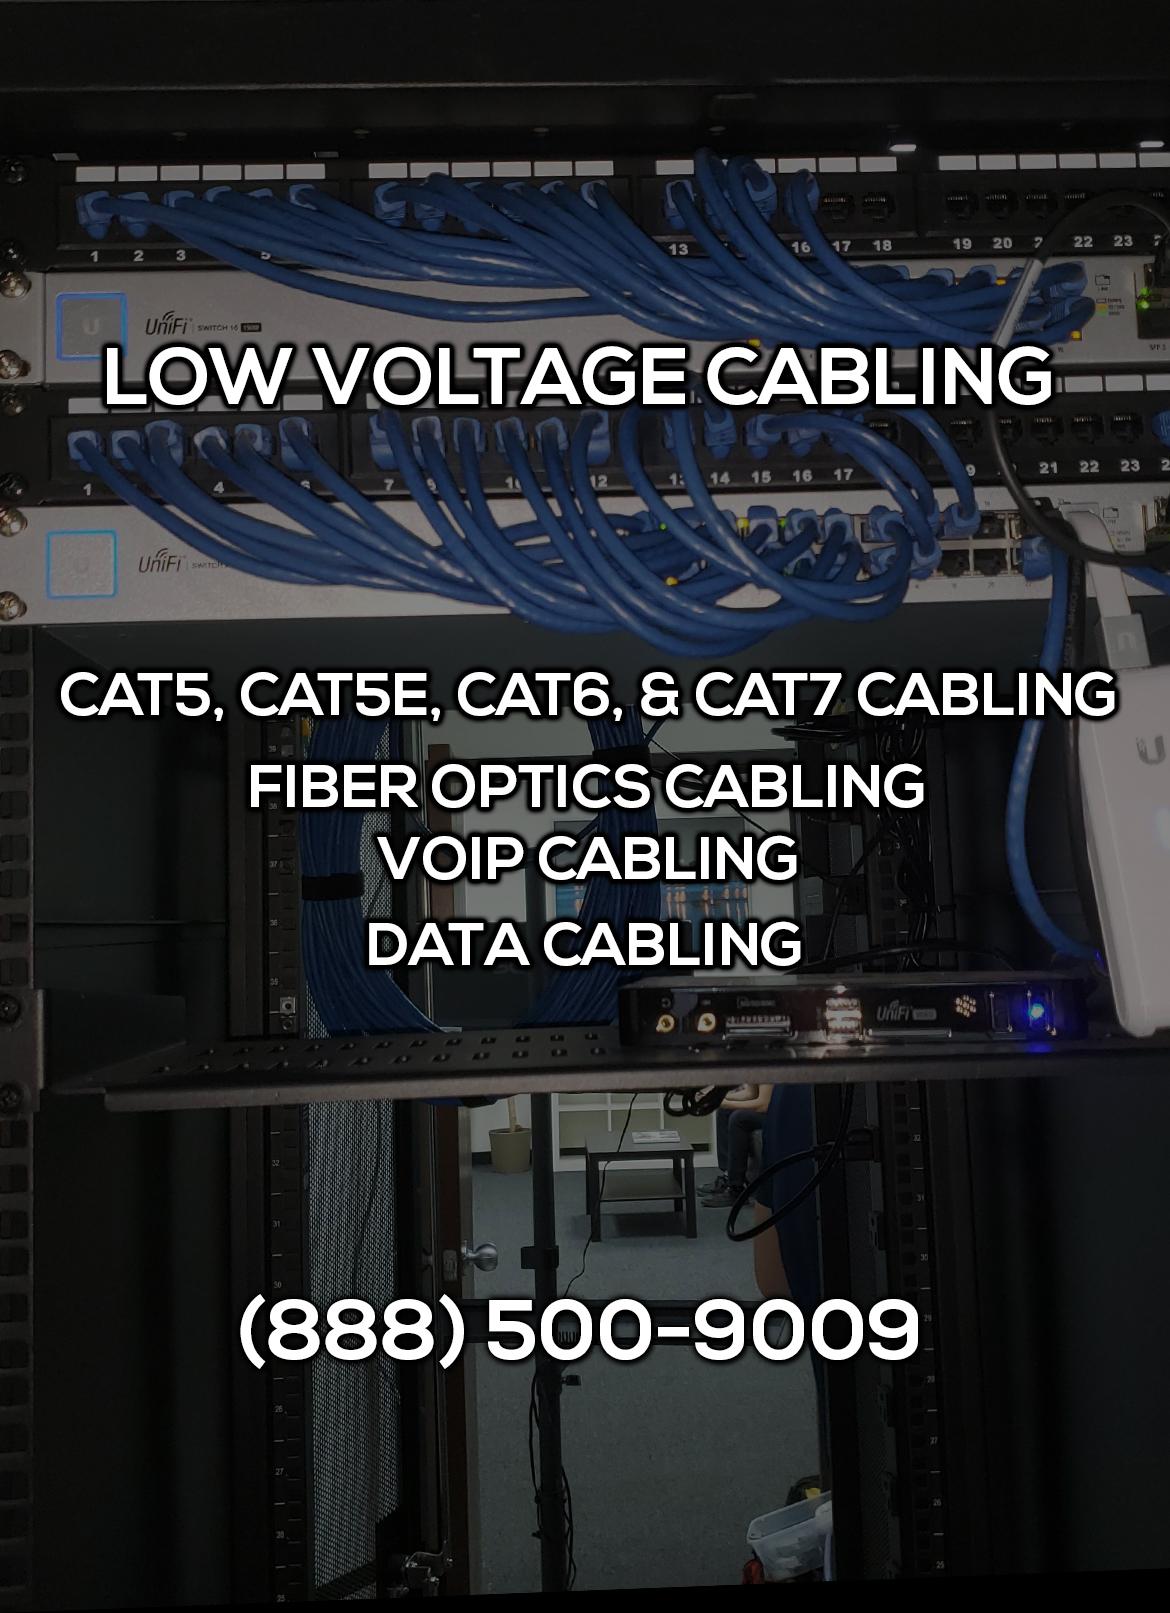 Low Voltage Cabling in Culver City